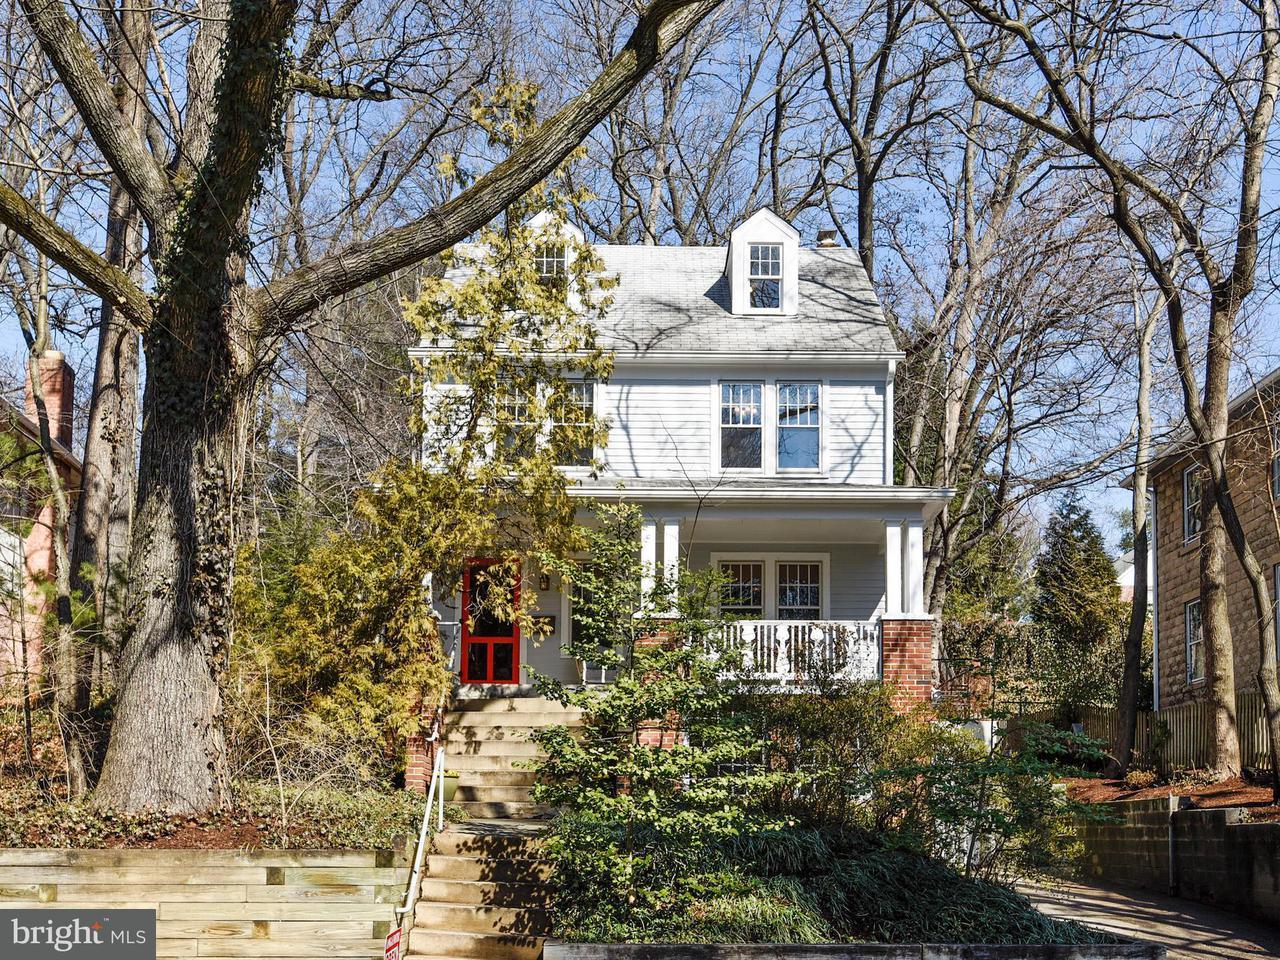 Частный односемейный дом для того Продажа на 305 Philadelphia Avenue 305 Philadelphia Avenue Takoma Park, Мэриленд 20912 Соединенные Штаты